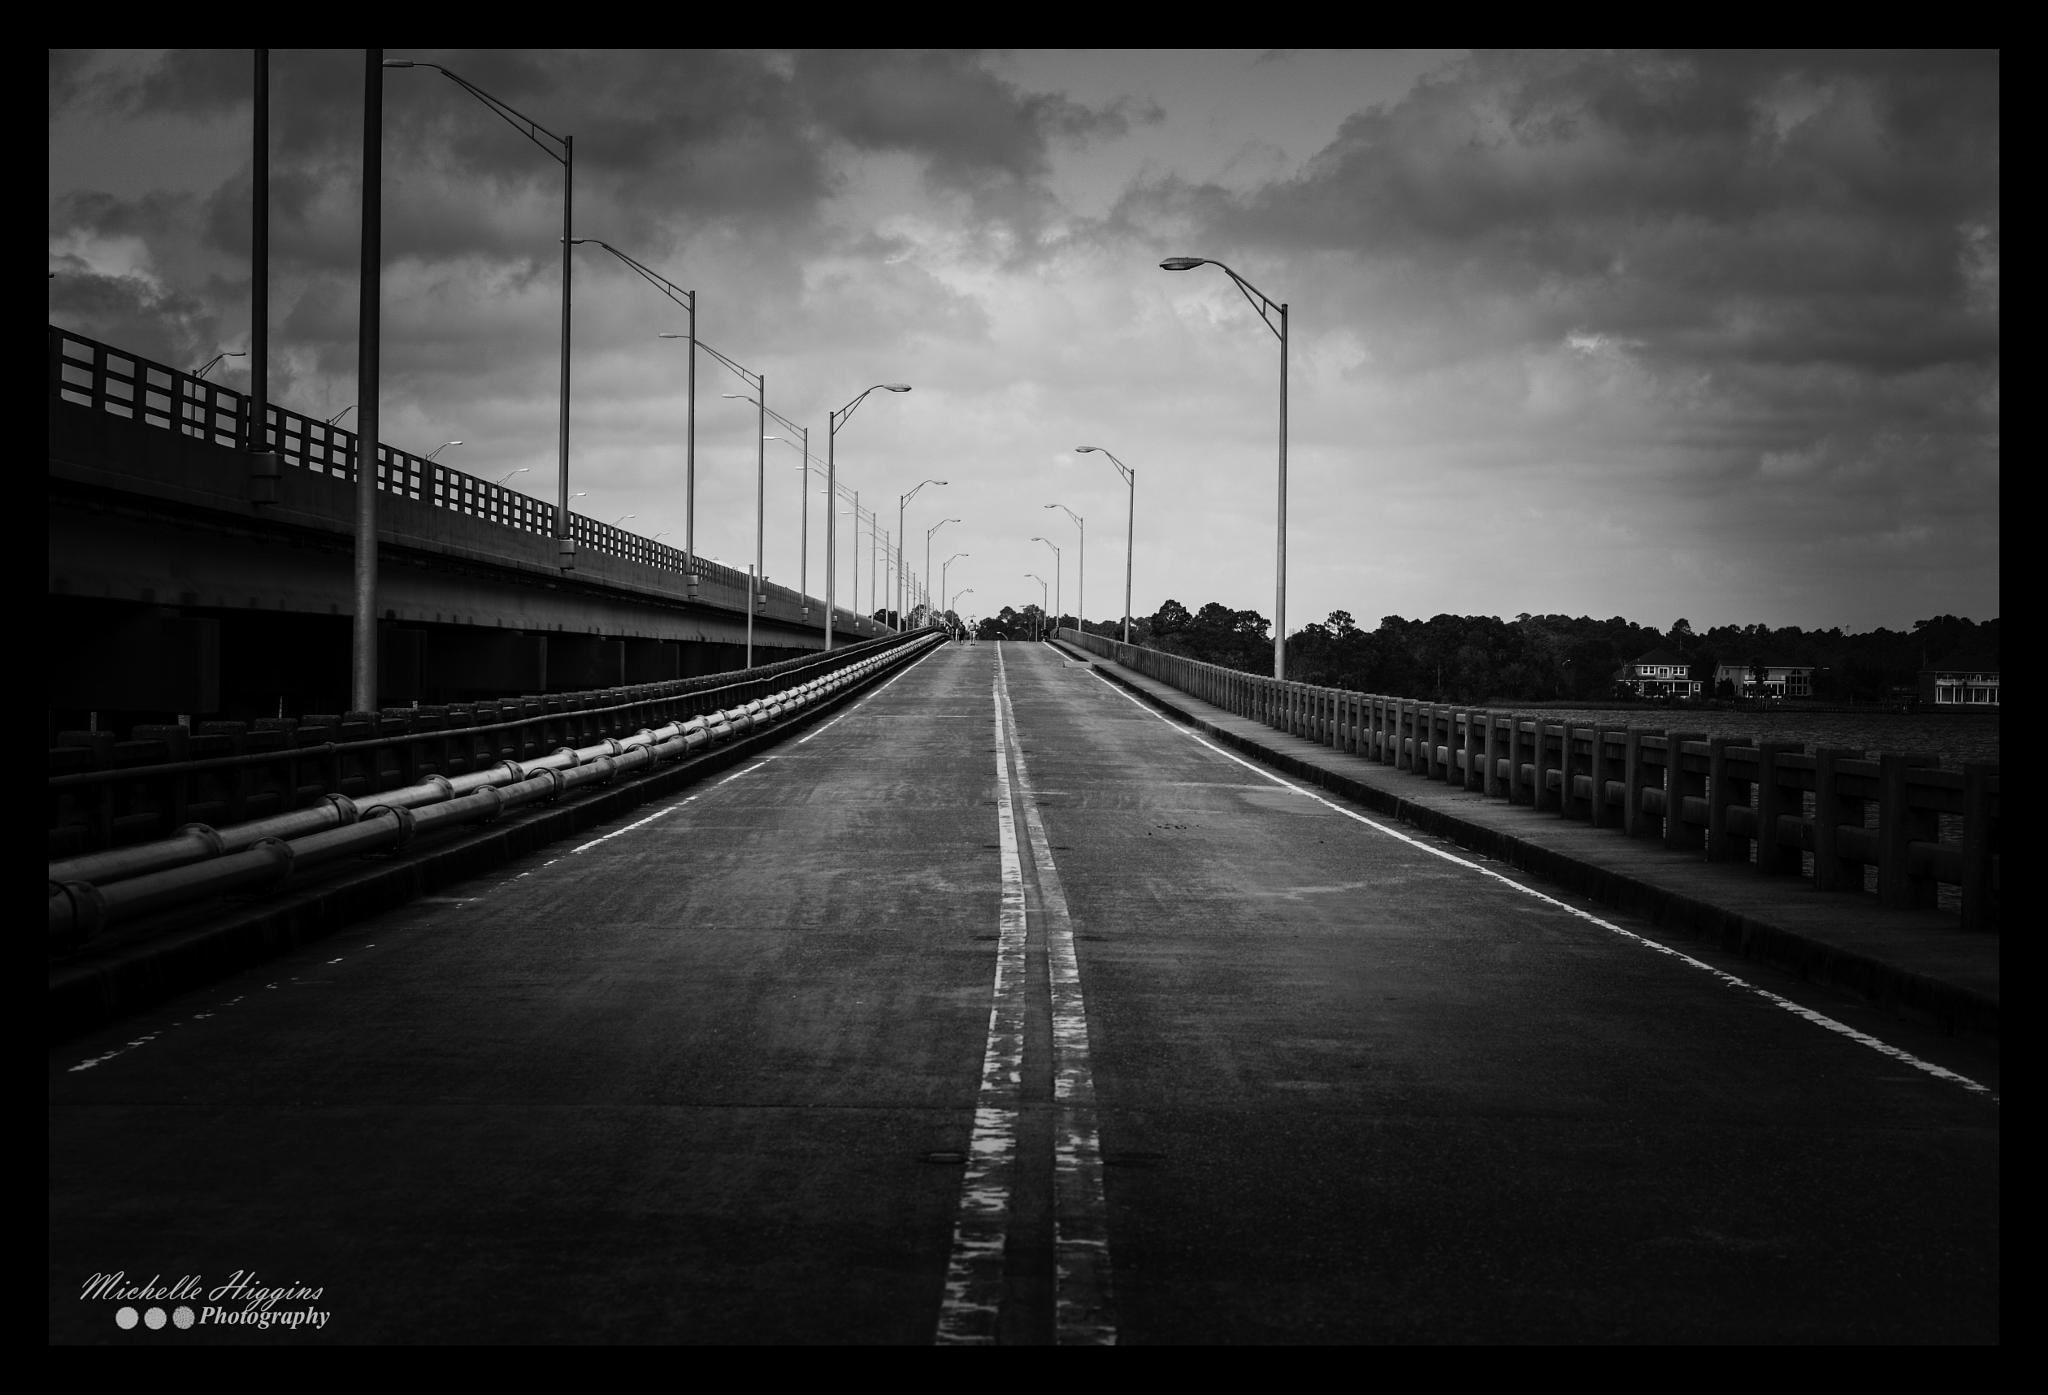 Open Road by MHiggins